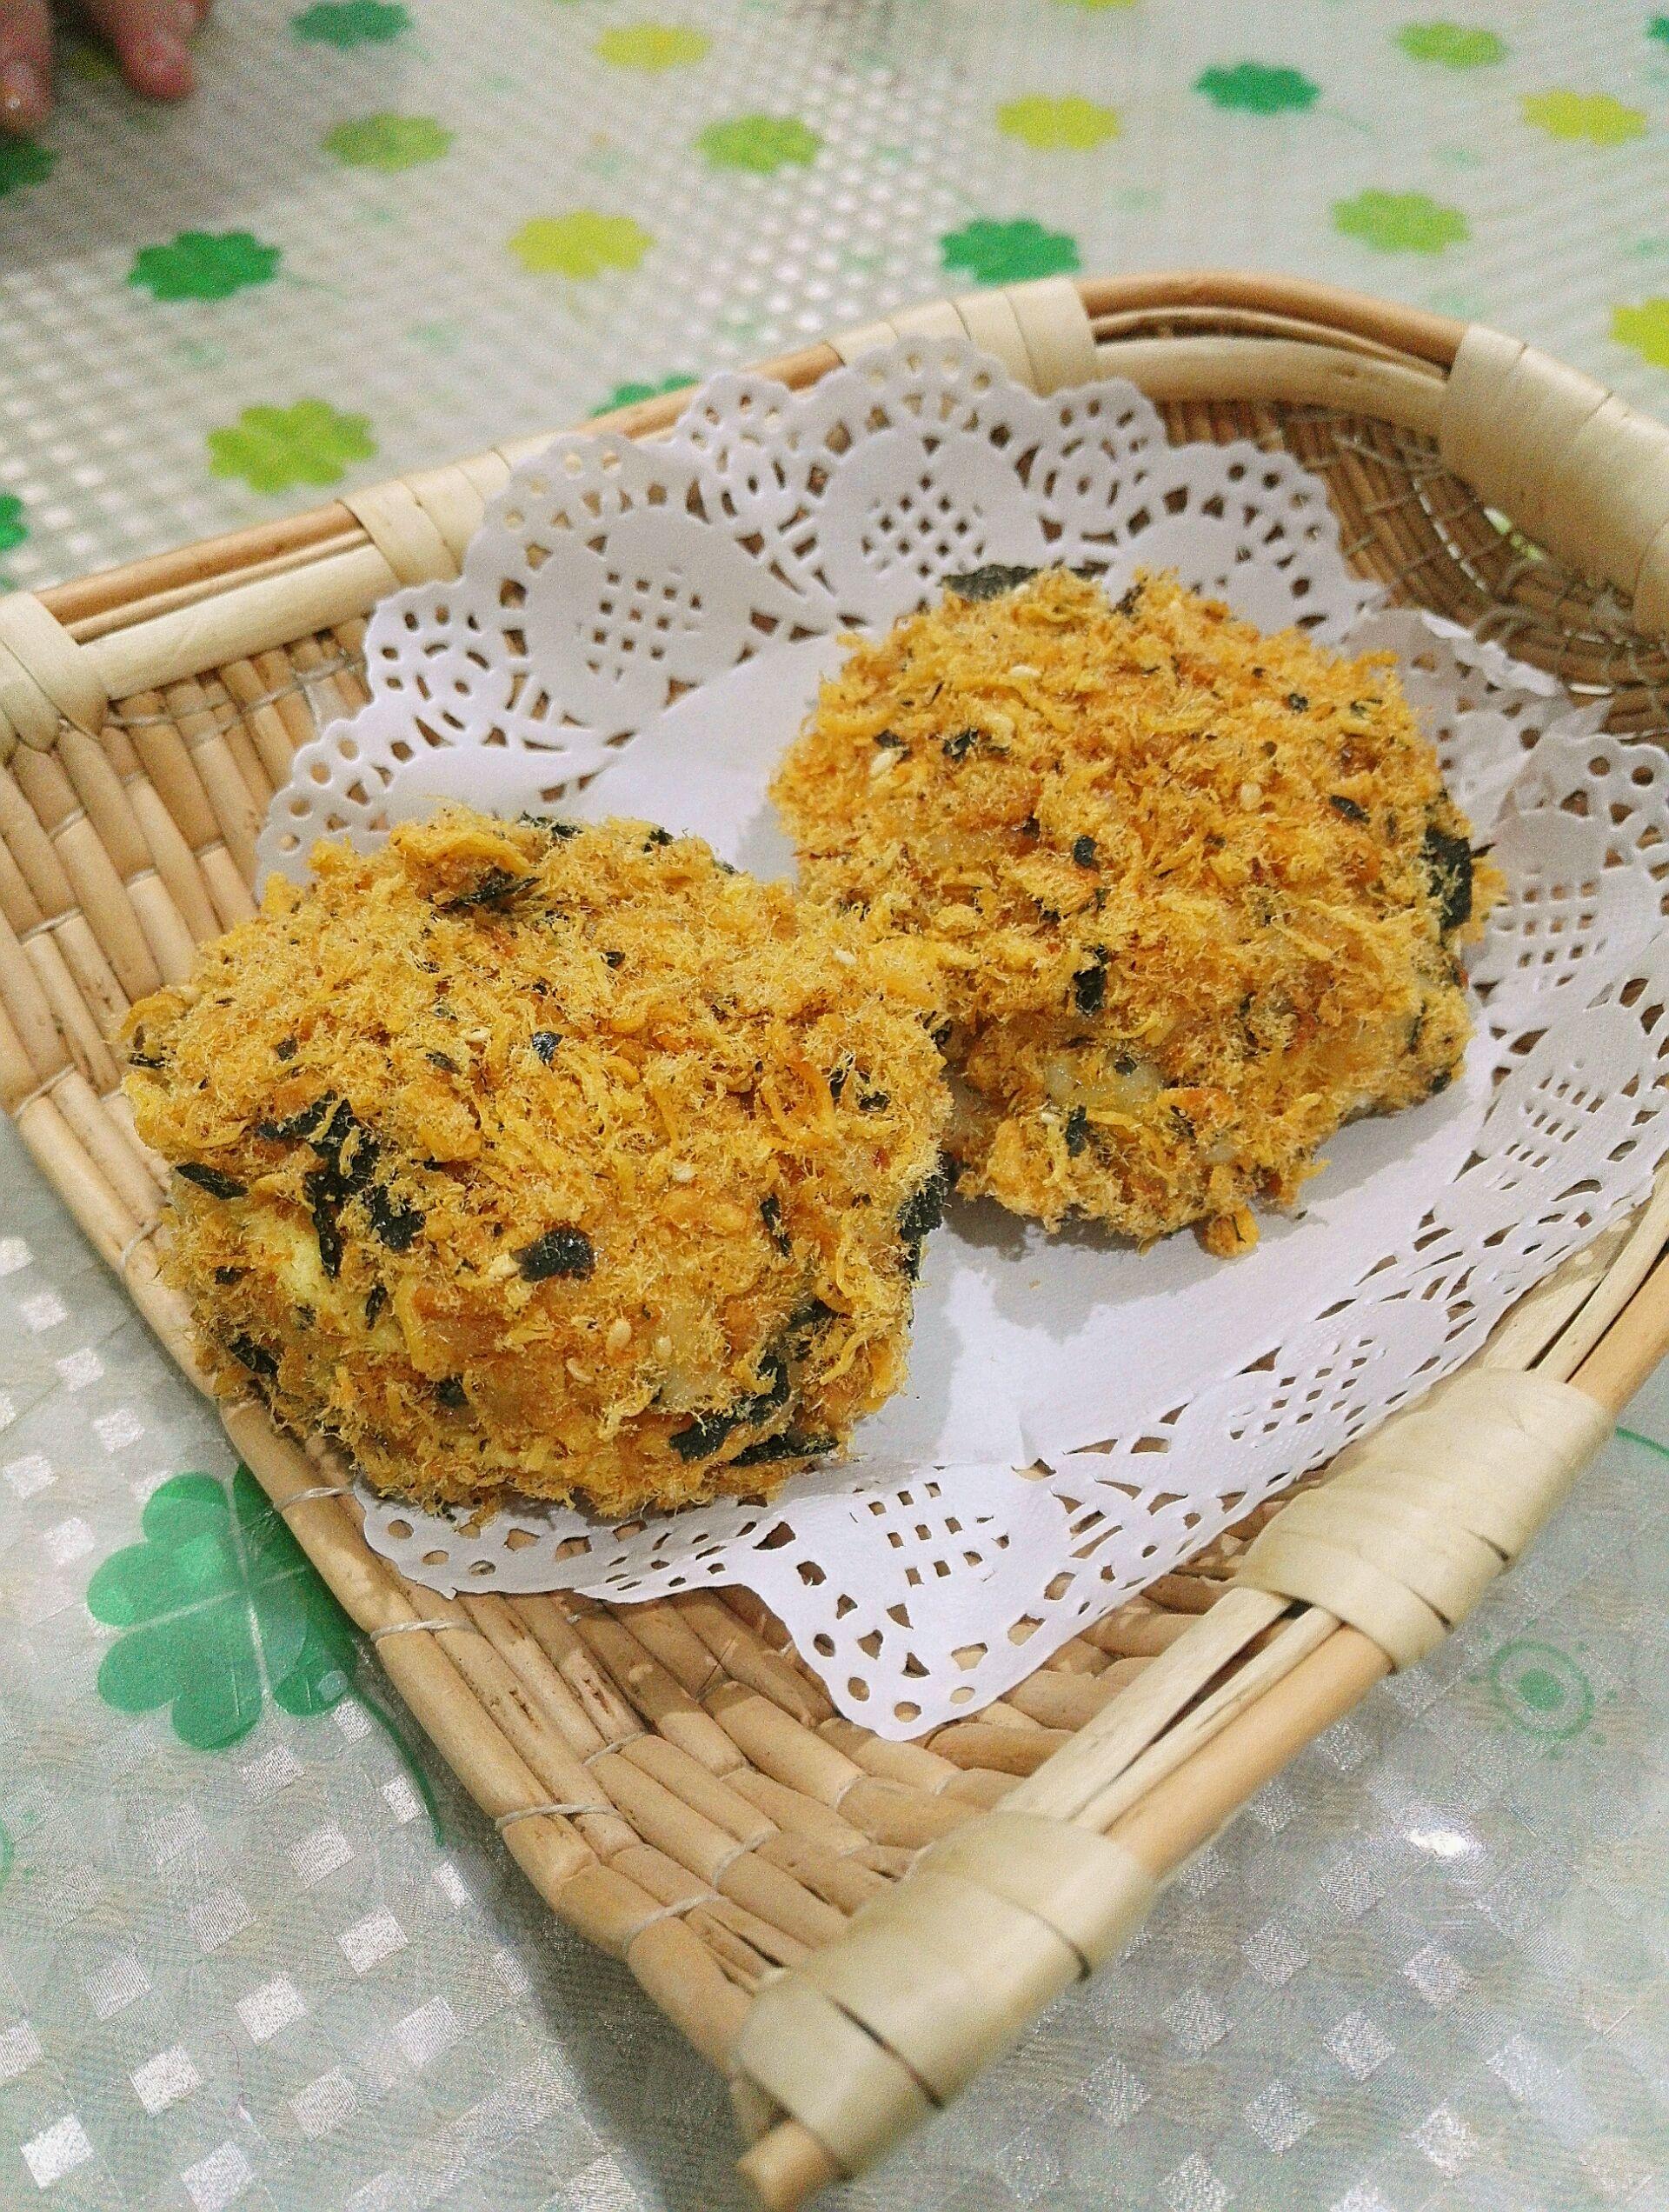 海苔鸡胸小贝半斤肉松肉蛋白质图片